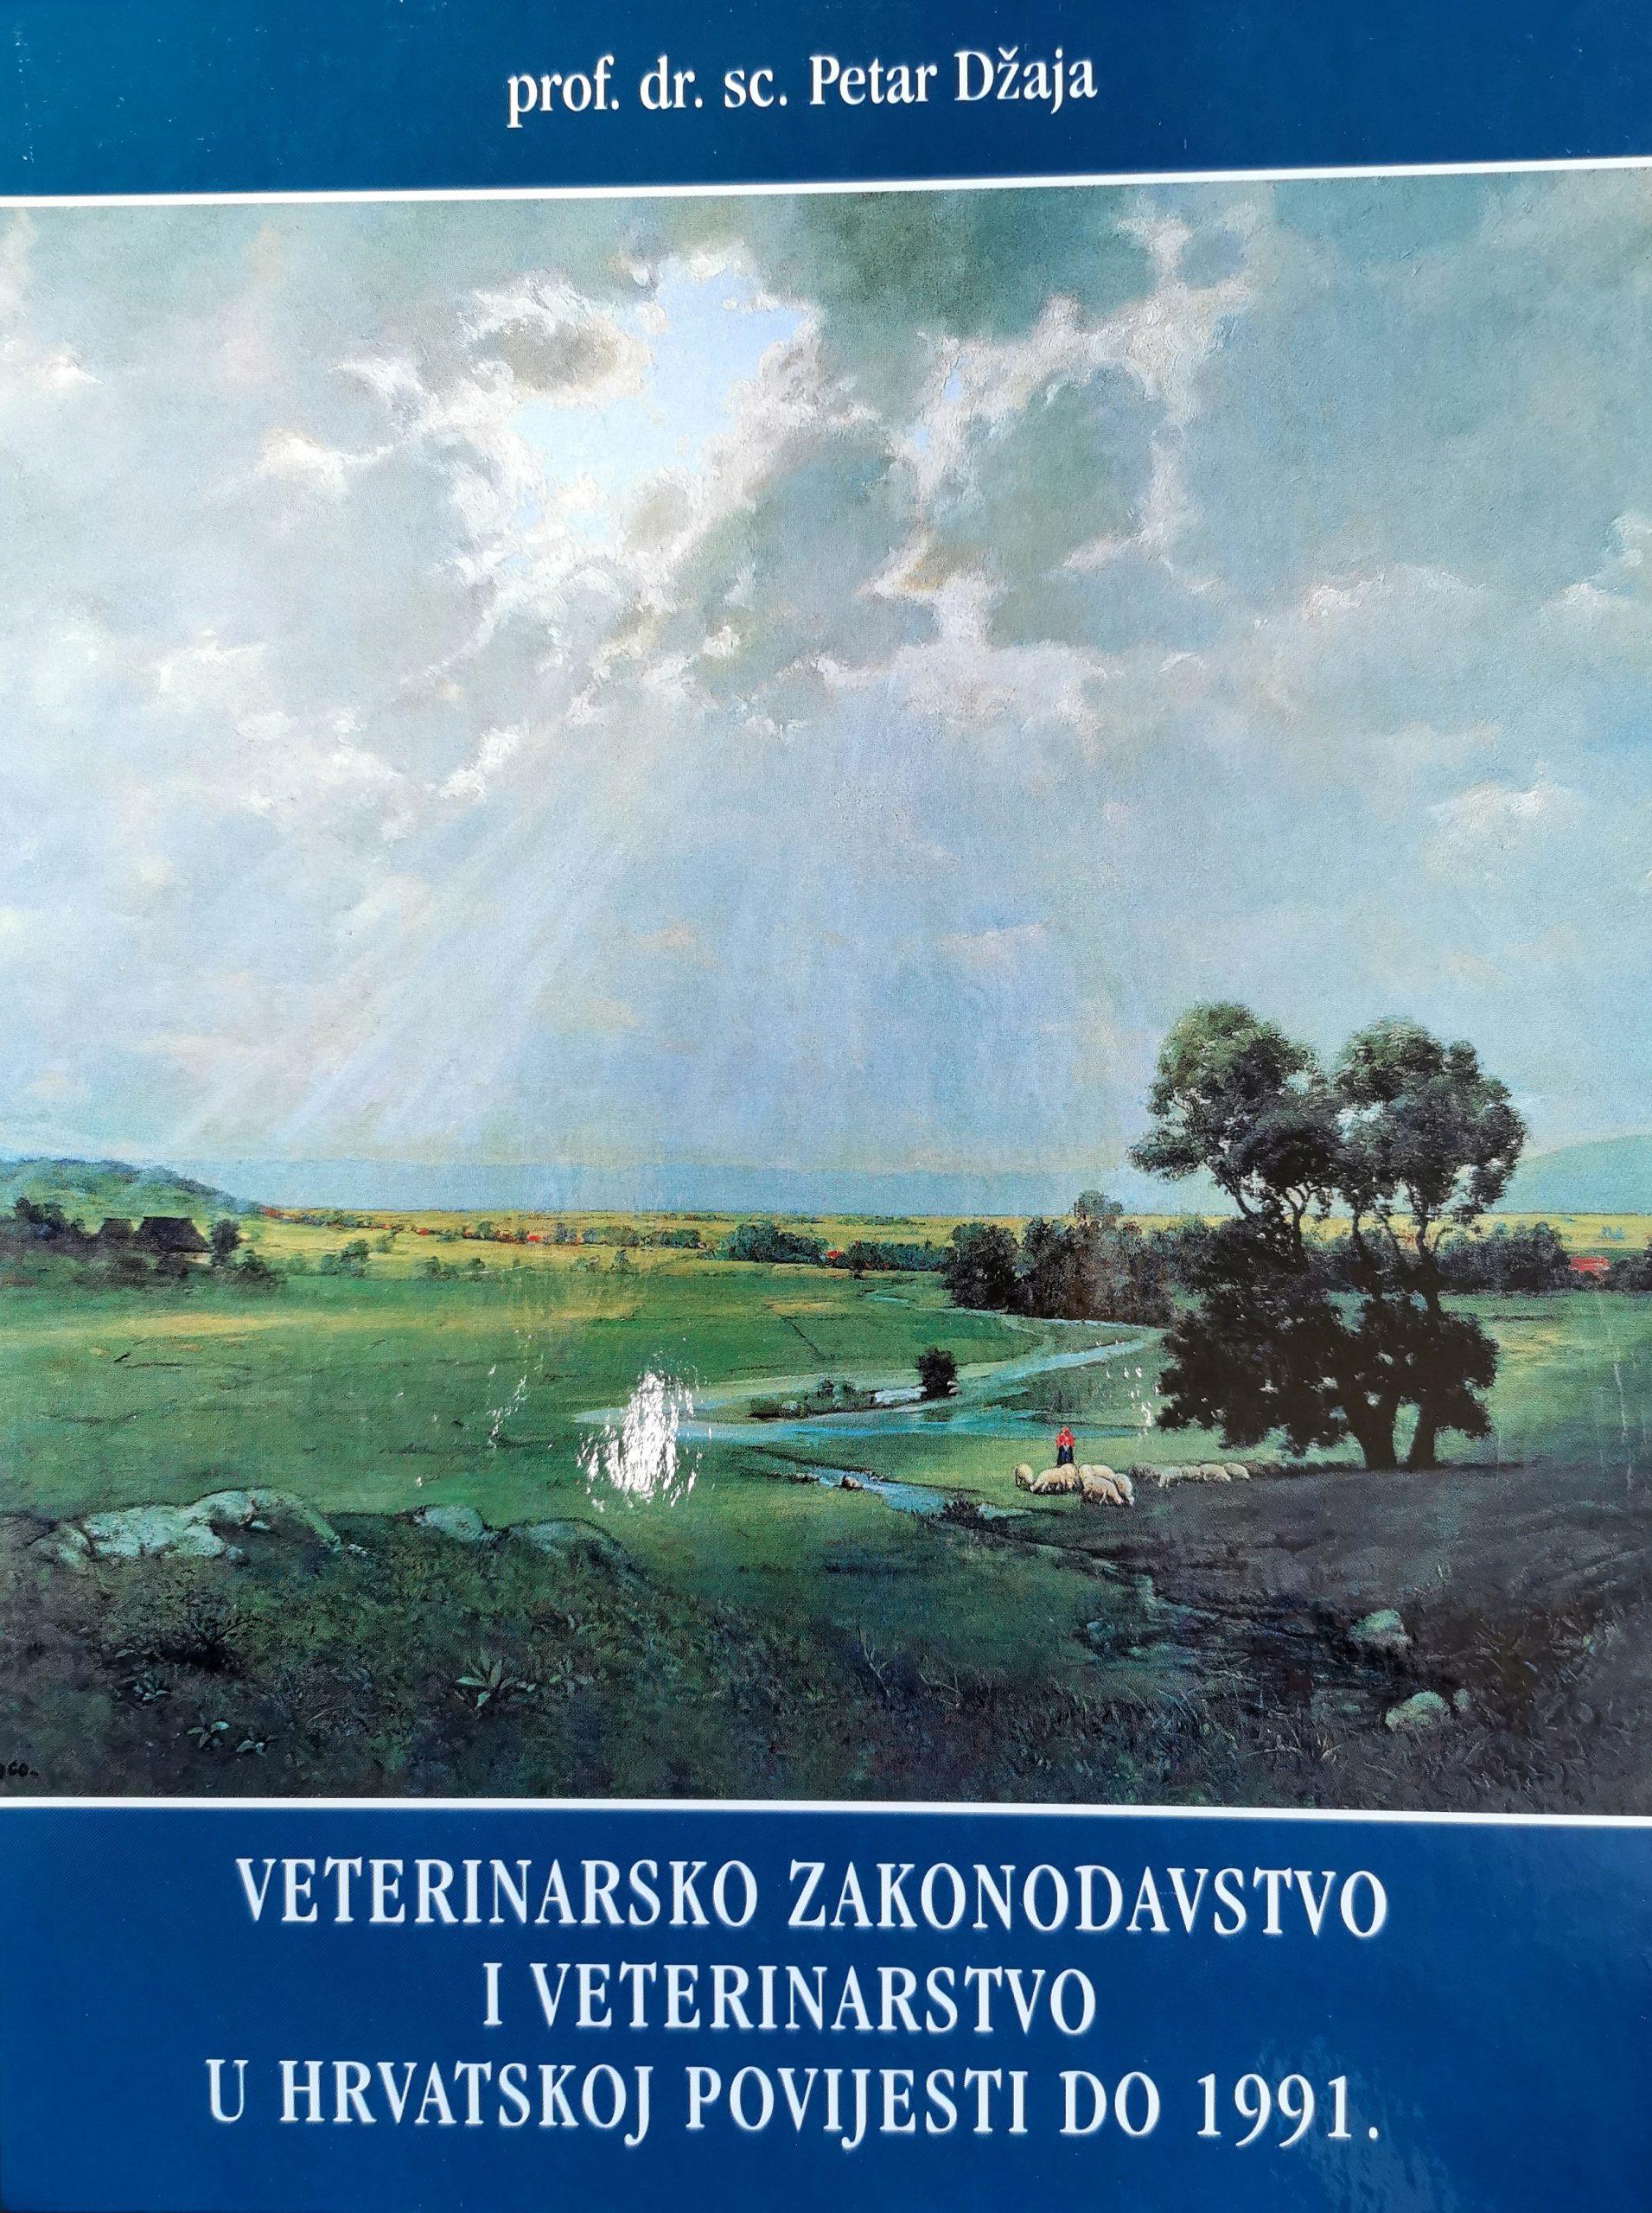 Veterinarsko zakonodavstvo i veterinarstvo u hrvatskoj povijesti do 1991.